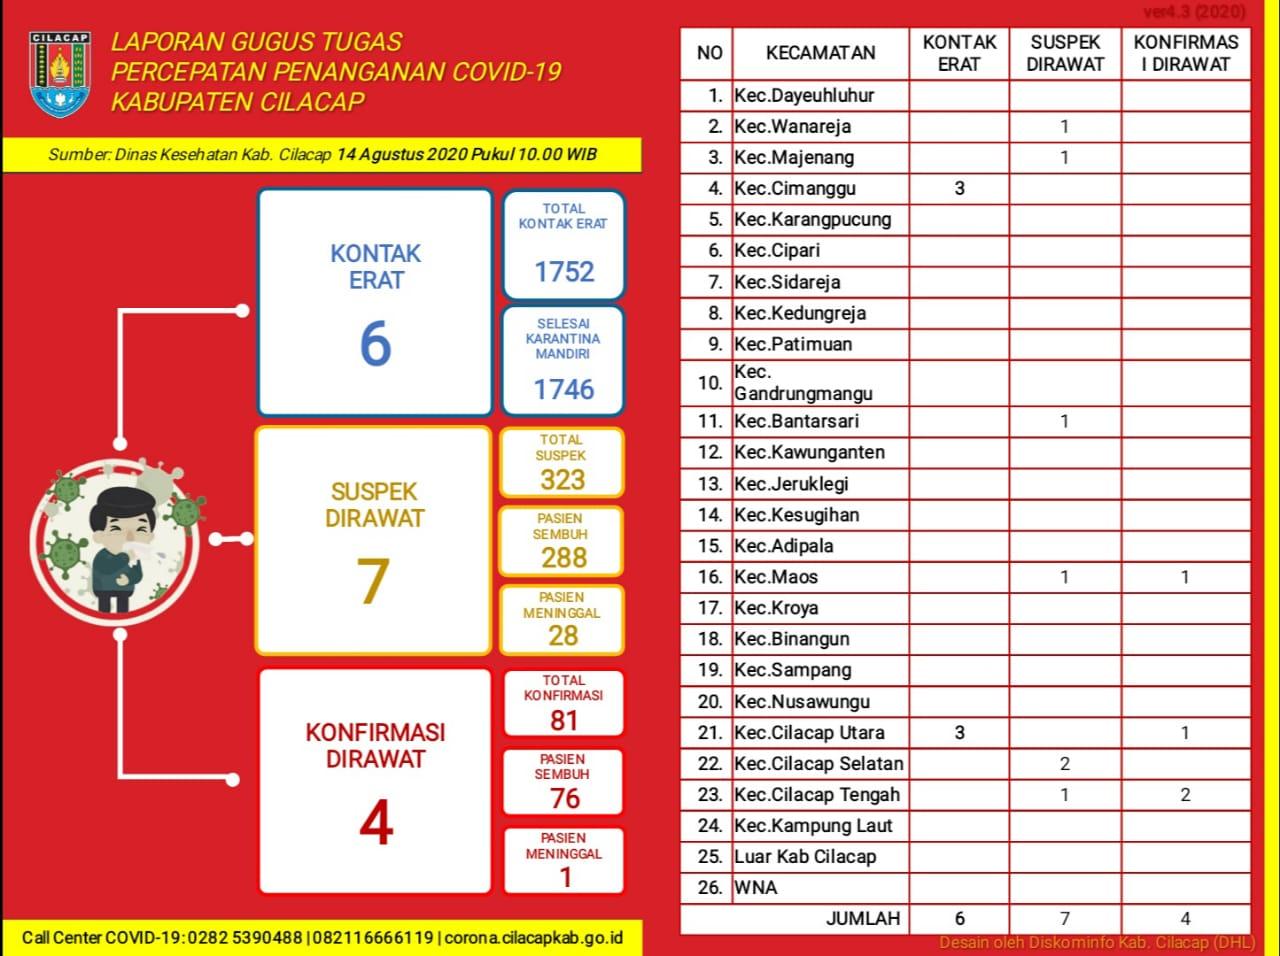 Gugus Tugas Percepatan Penanganan COVID-19 Kabupaten Cilacap, 14 Agustus 2020